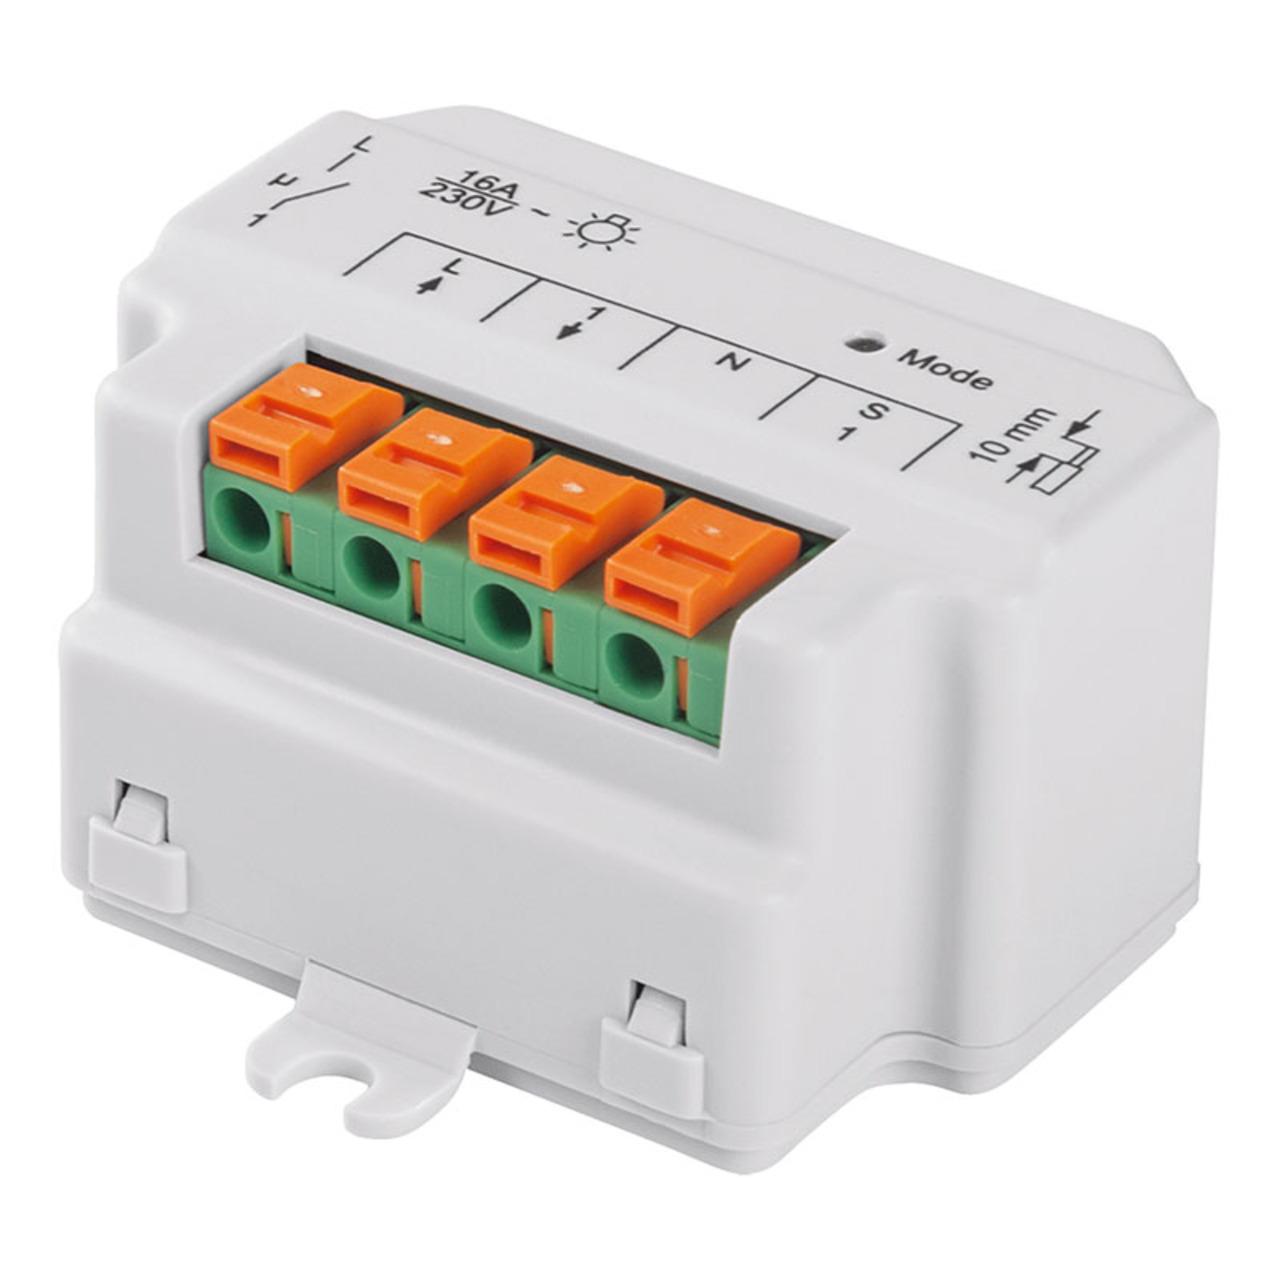 Homematic Unterputzschalter- 1fach HM-LC-SW1-FM für Smart Home - Hausautomation